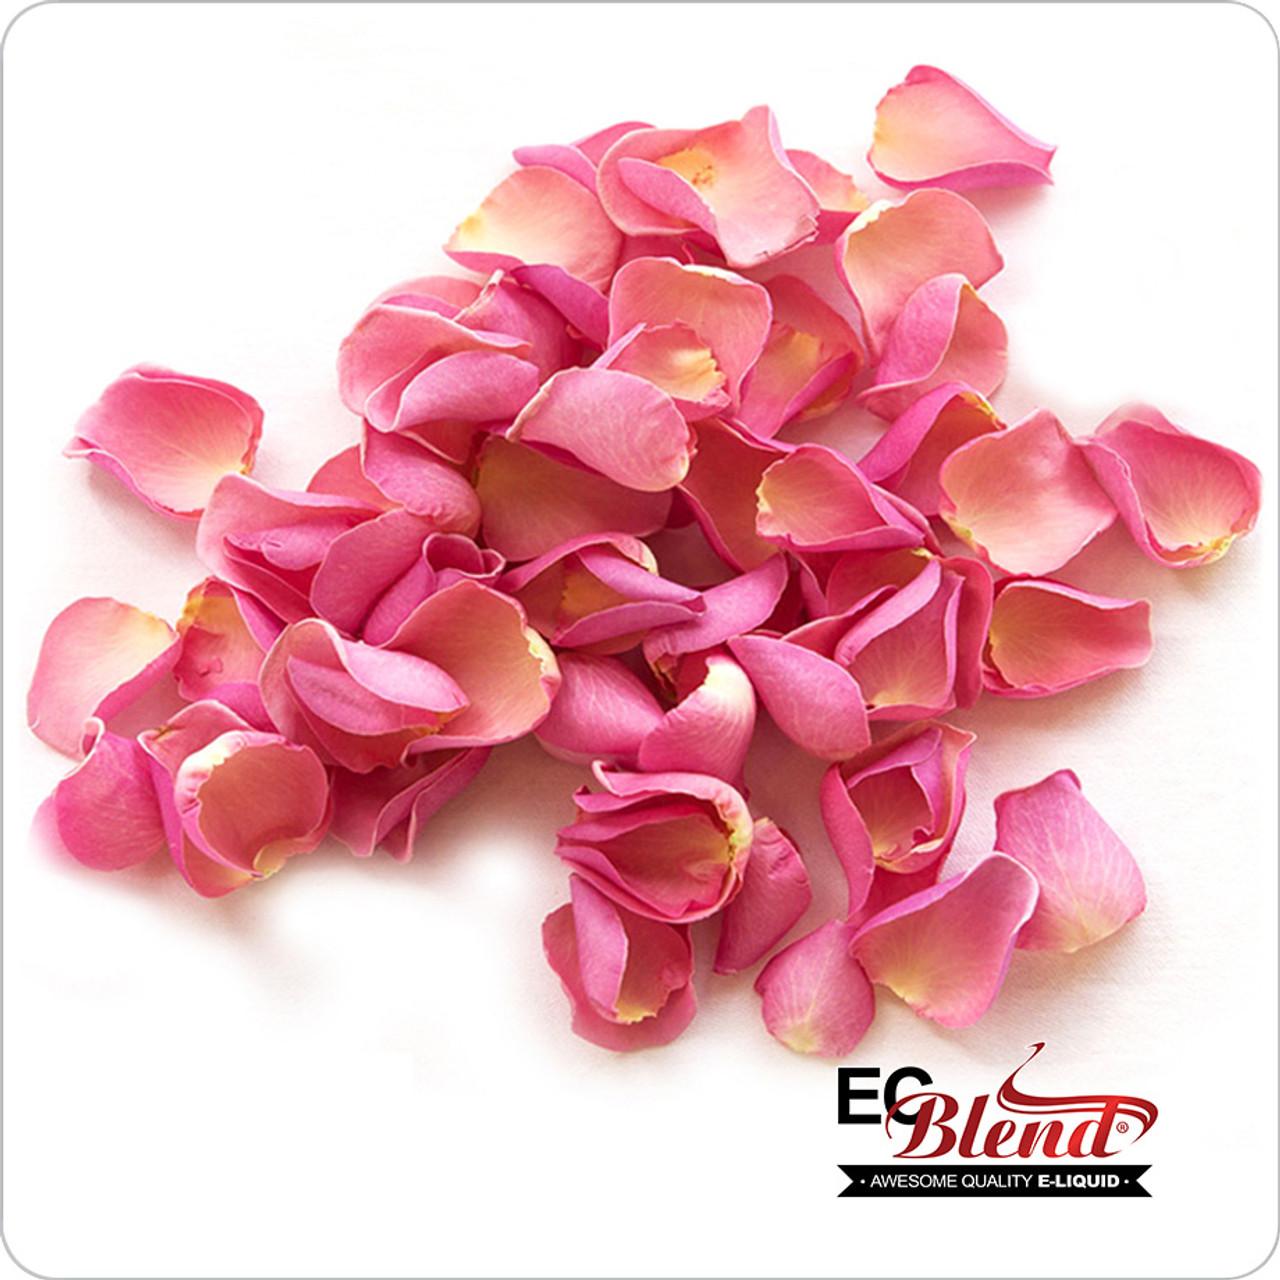 Rose Petal (E-Liquid Flavor)